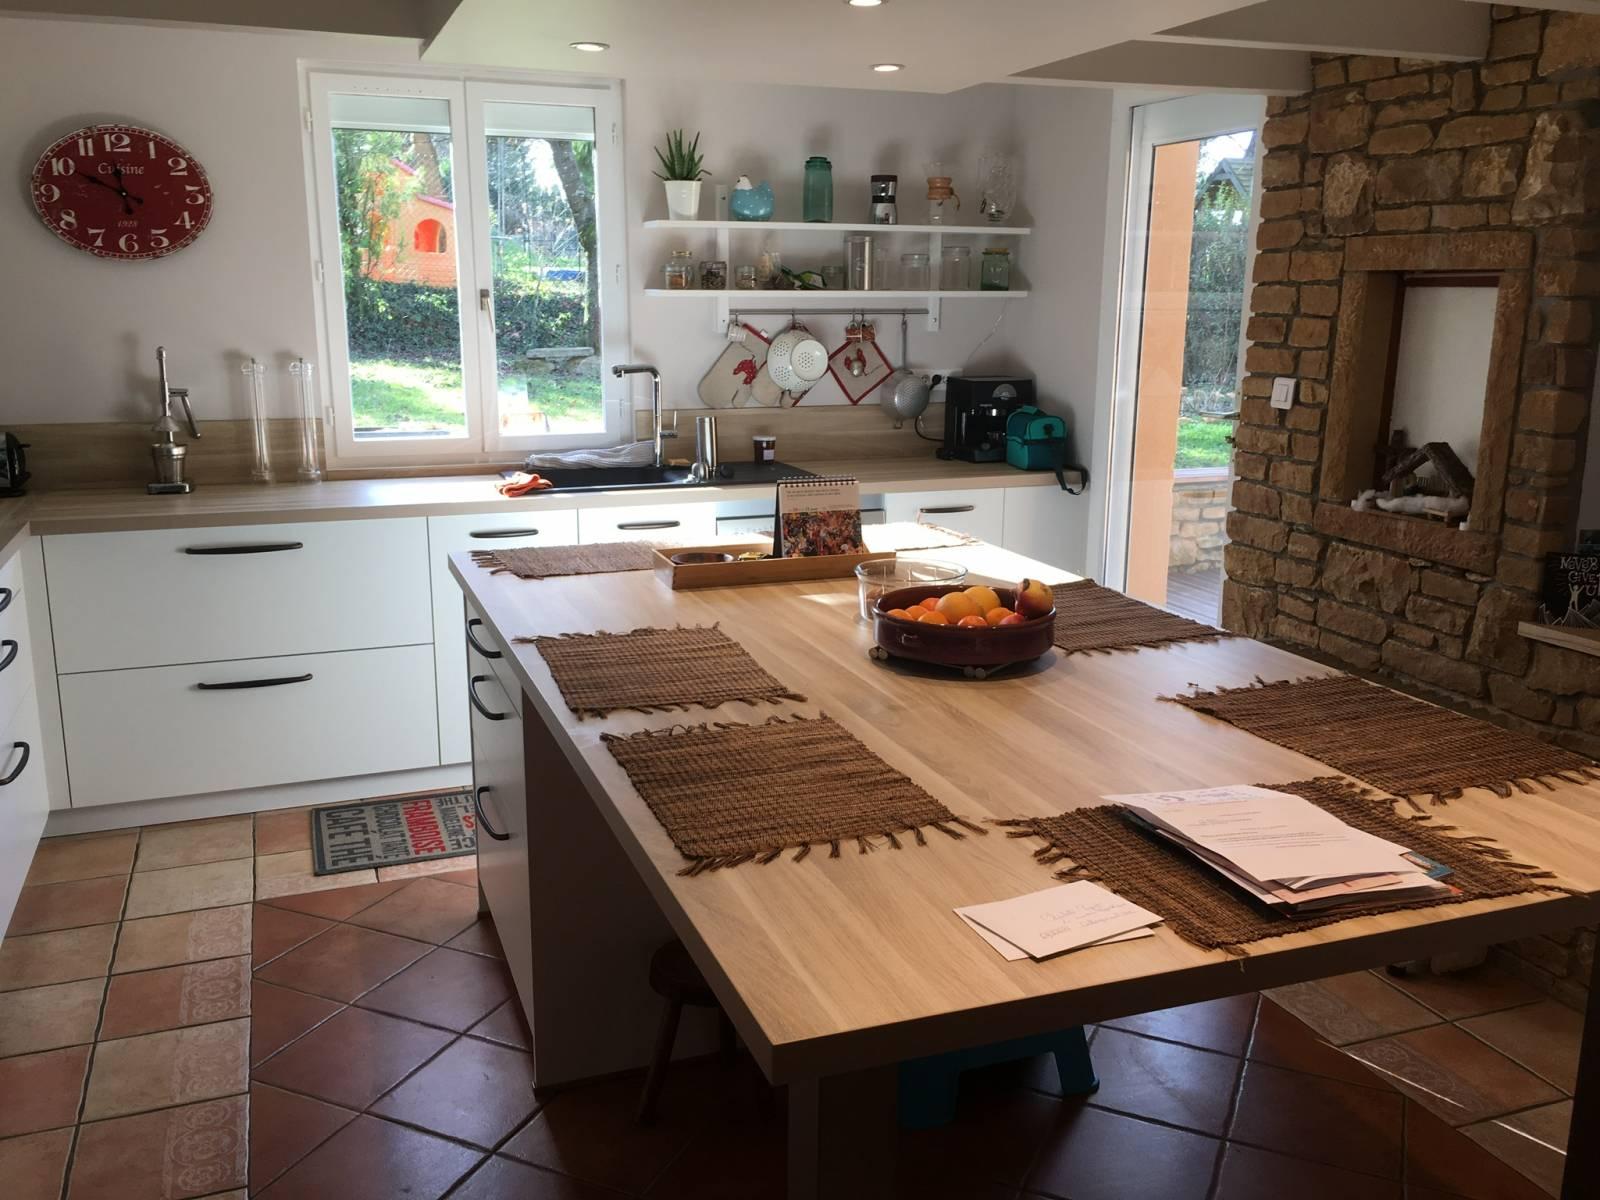 Idee D Agencement De Cuisine Avec Ilot Central Et Table A Lyon